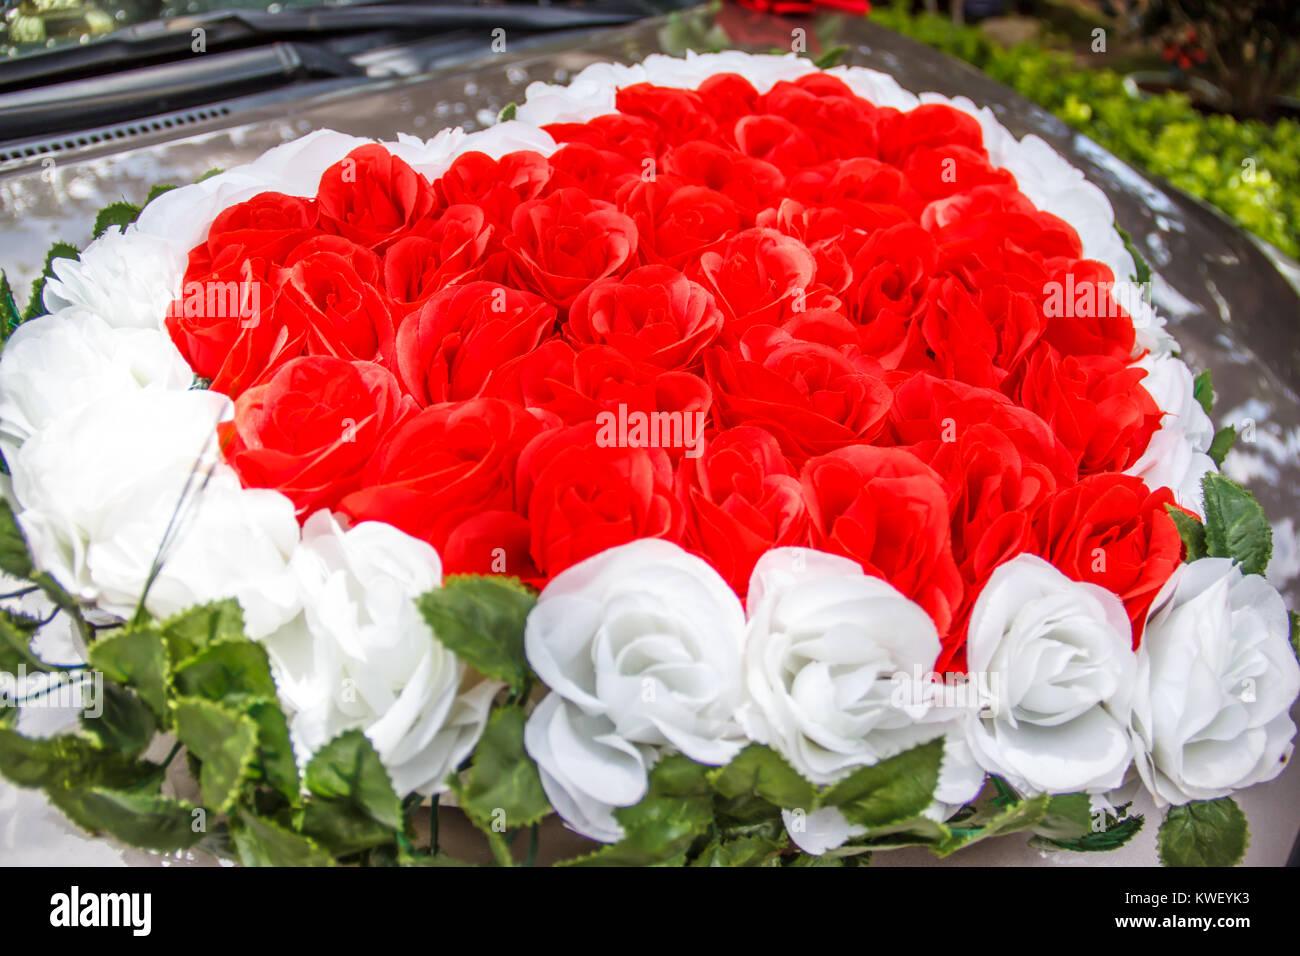 Coeur rouge et blanc en forme de roses bouquet de fleurs de mariage en face de la voiture du - Bouquet de roses en forme de coeur ...